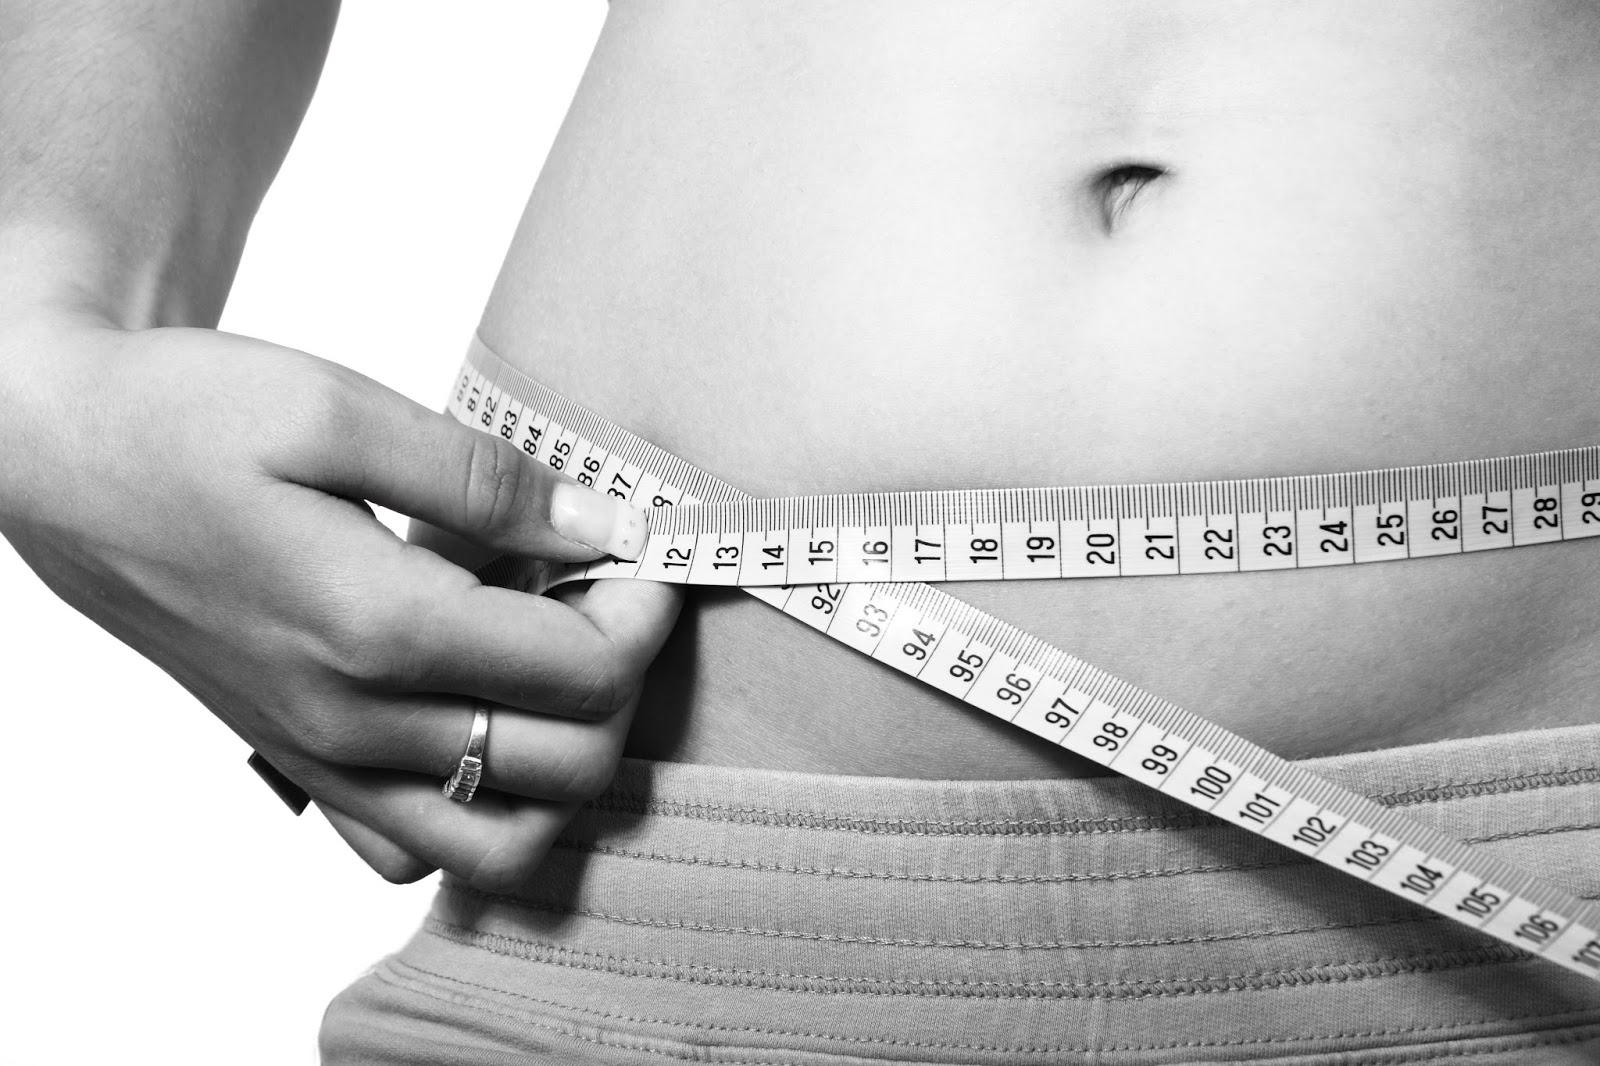 nouveau vous sous-vêtements minceur avis de perte de poids acv